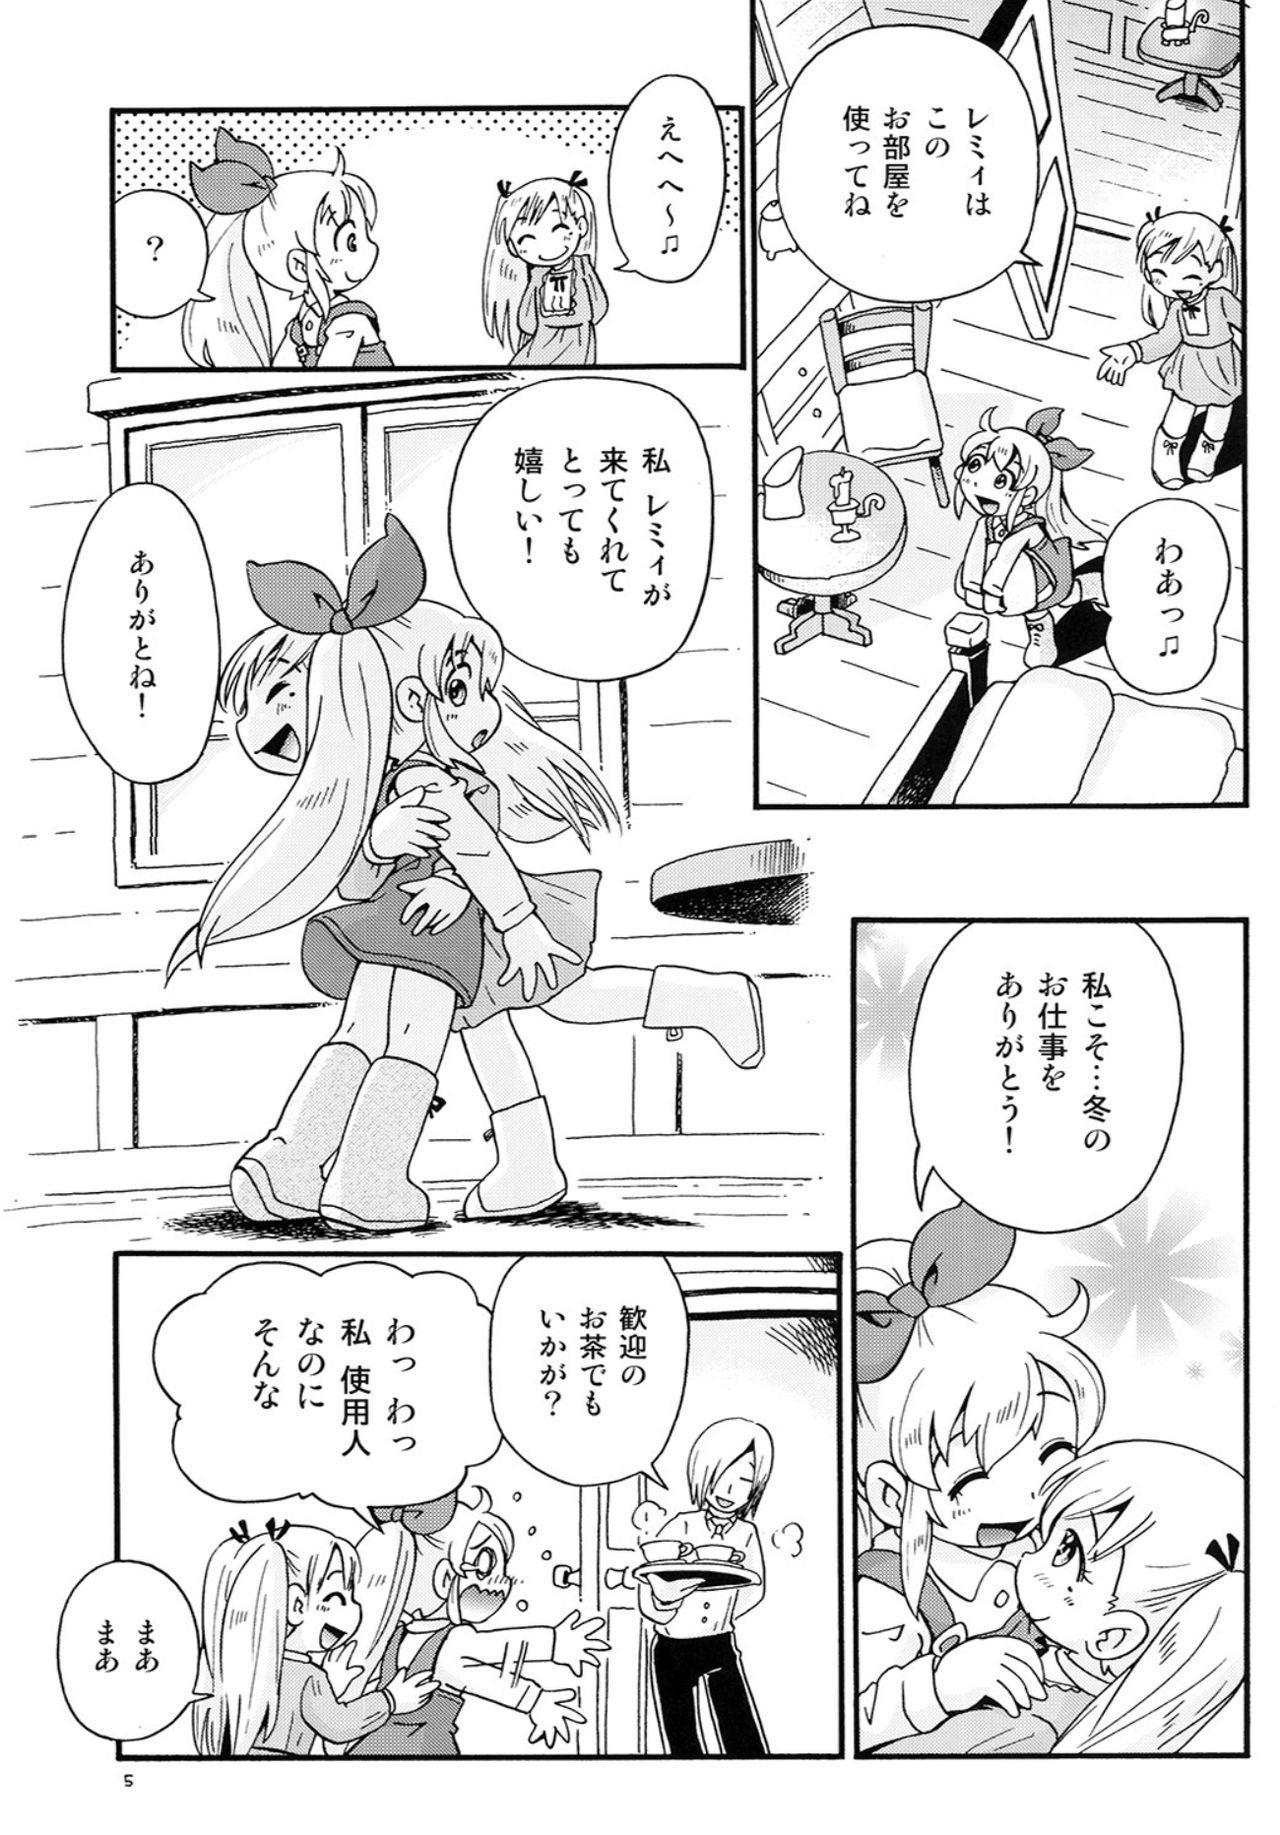 (C93) [Puchi-ya (Hoshino Fuuta)] Bokujou no Shoujo Remy ~Fuyu no Sansou Hen~ 1 3